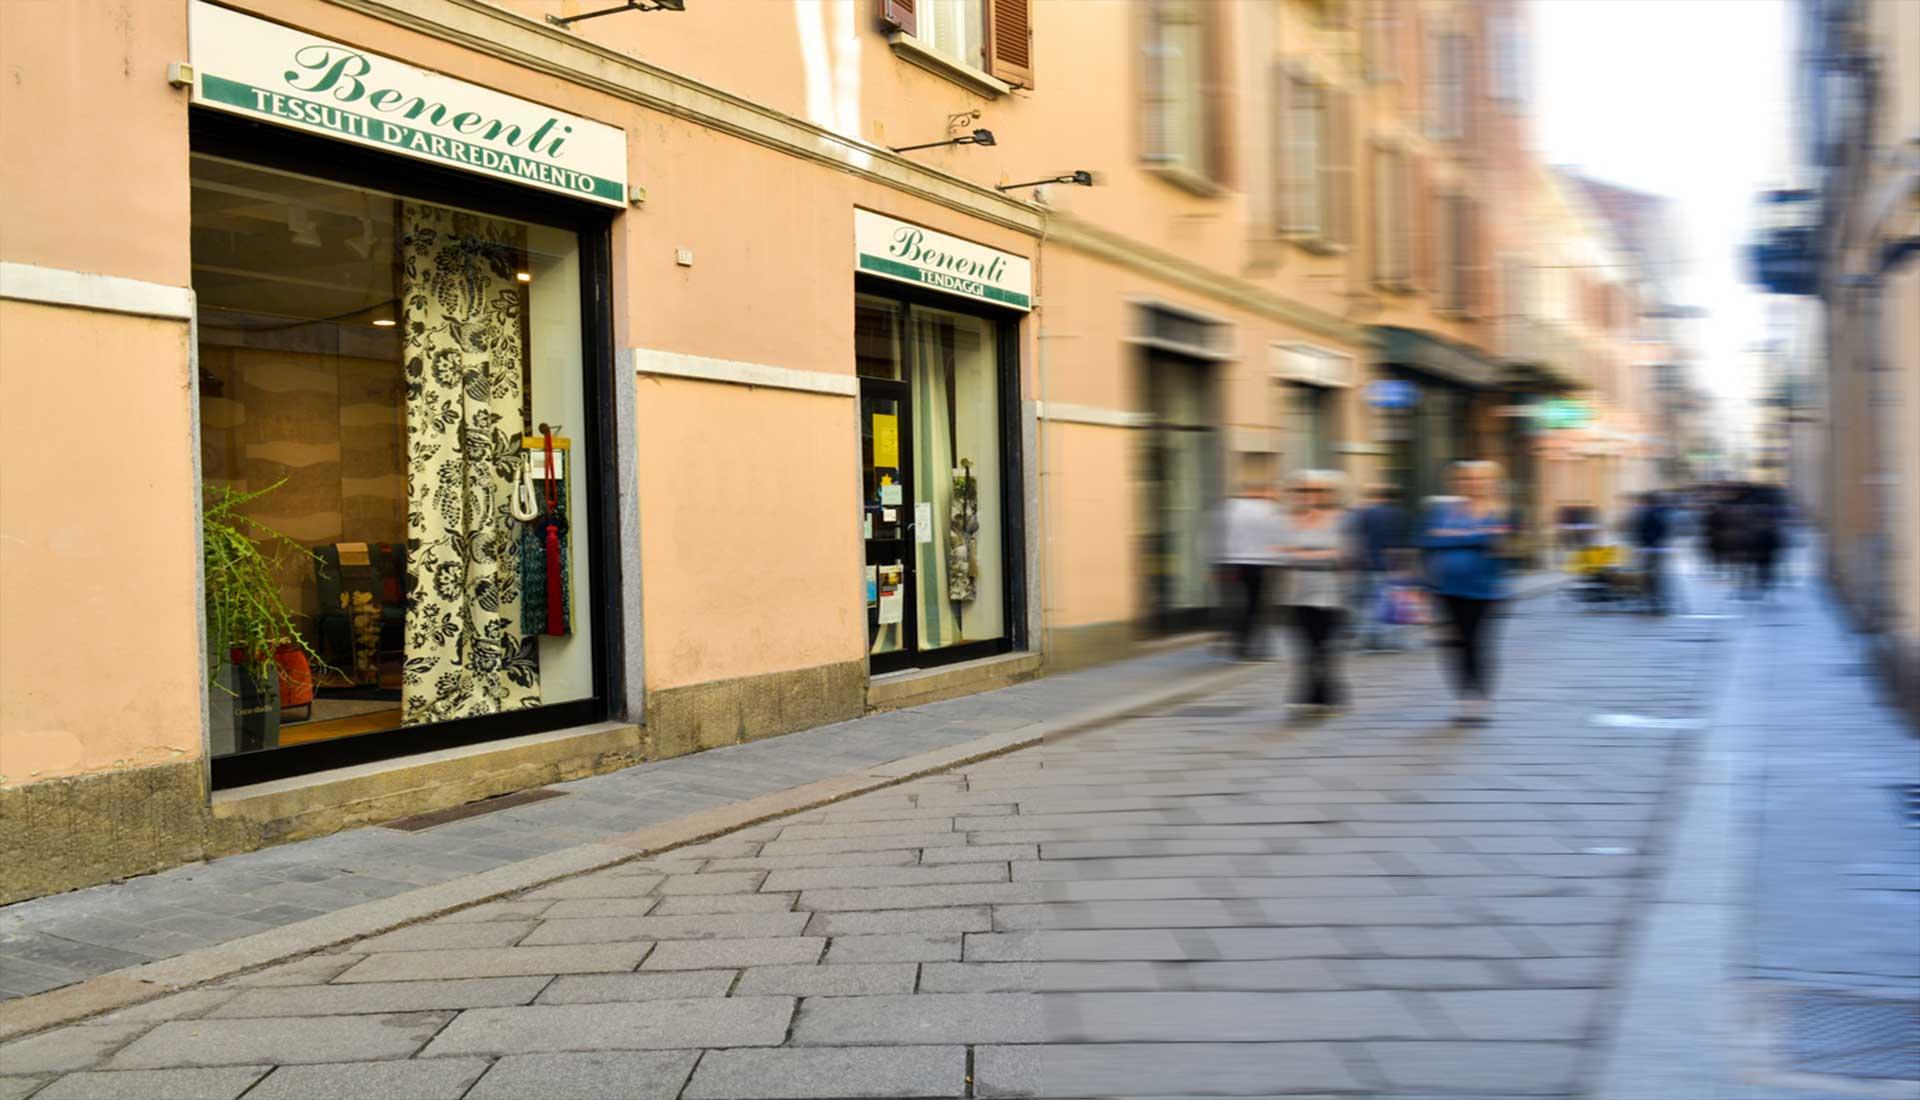 Negozi d arredamento home vetrina lema with negozi d for Tessuti arredamento outlet milano